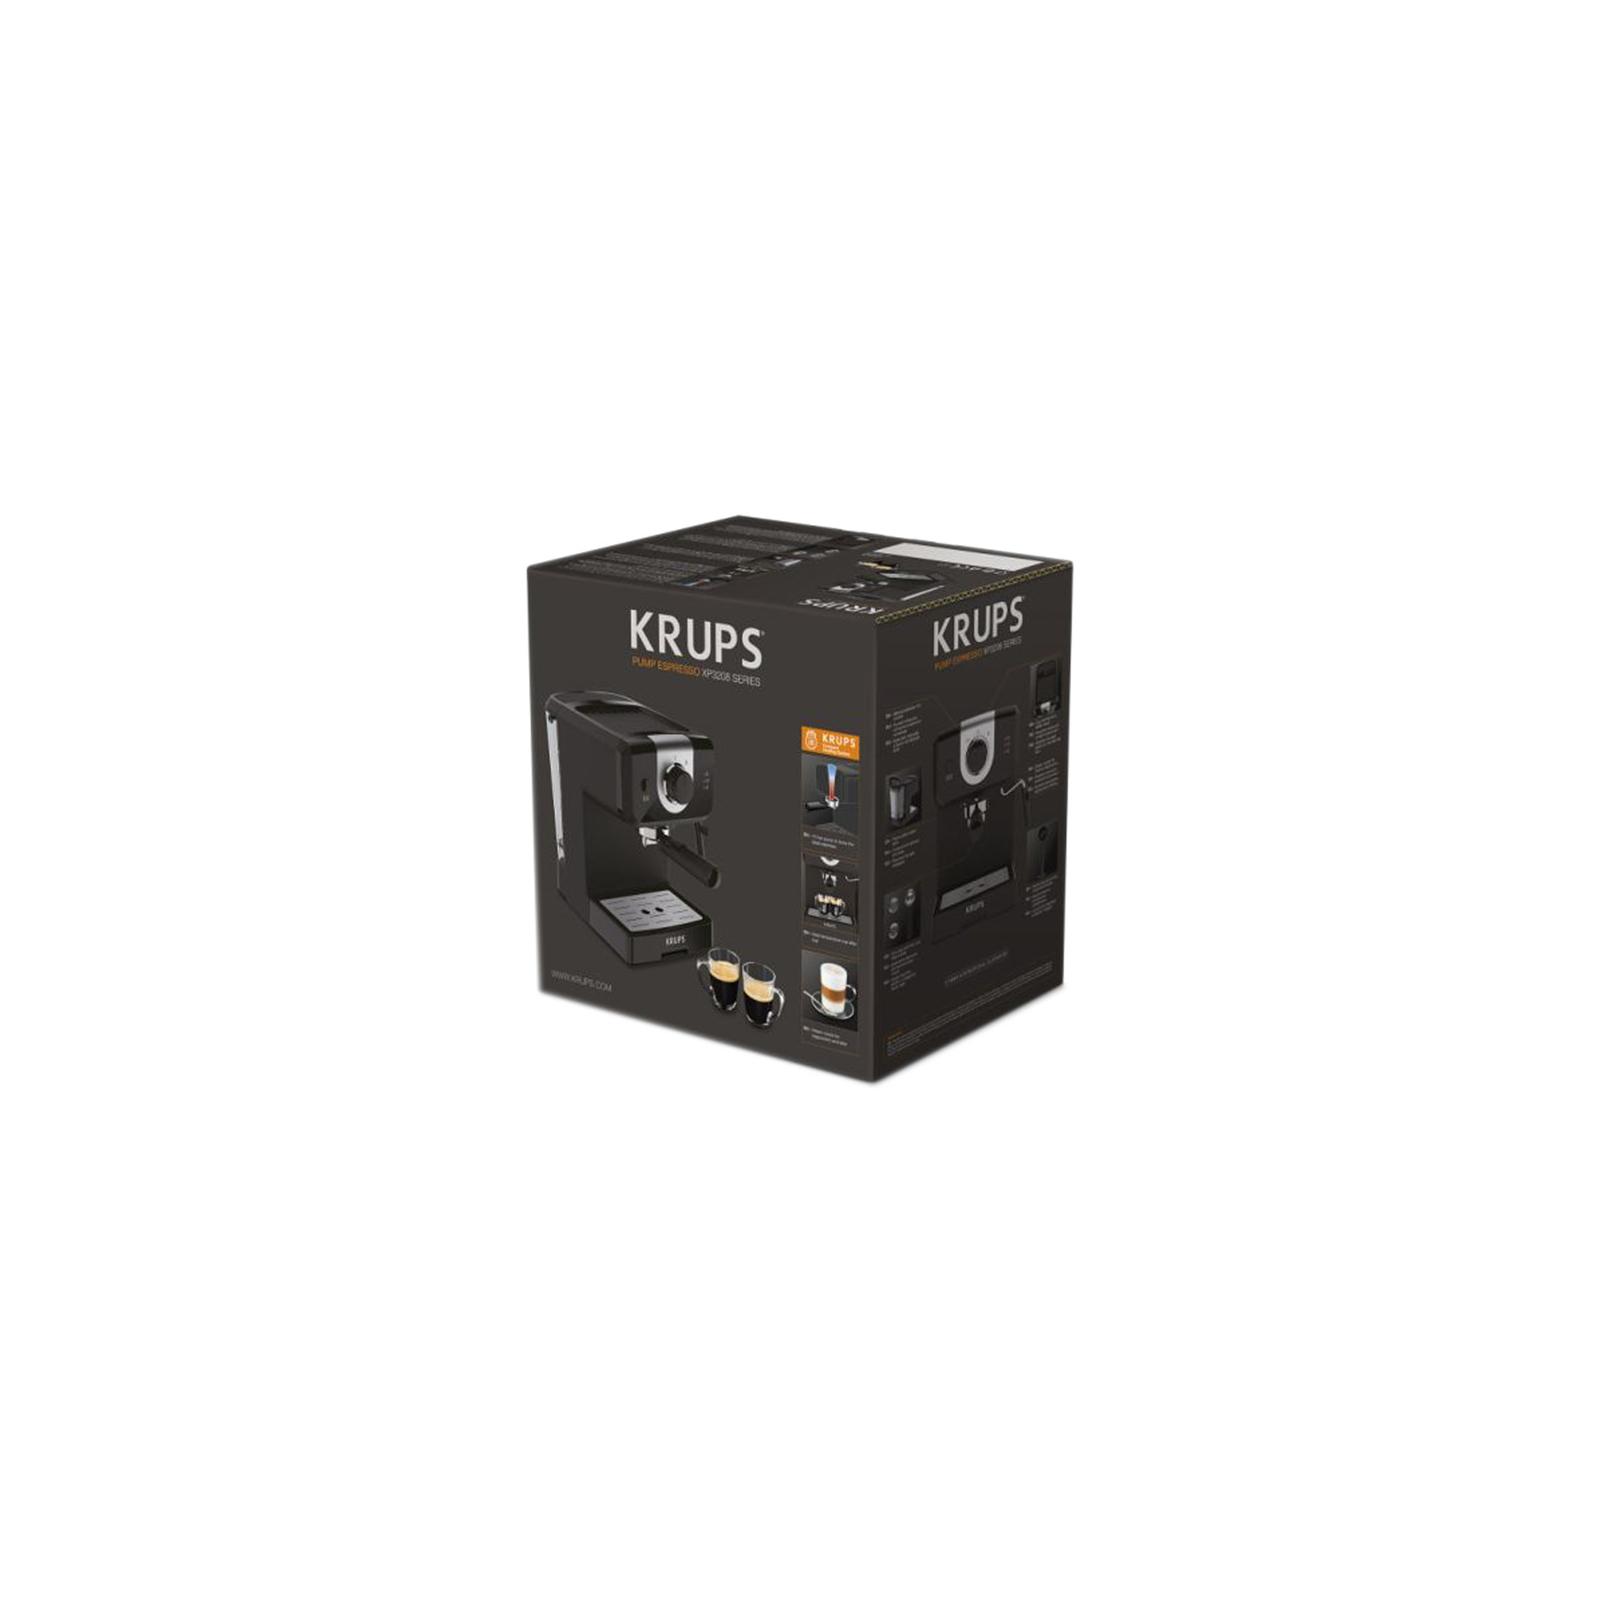 Кофеварка Krups XP320830 изображение 6